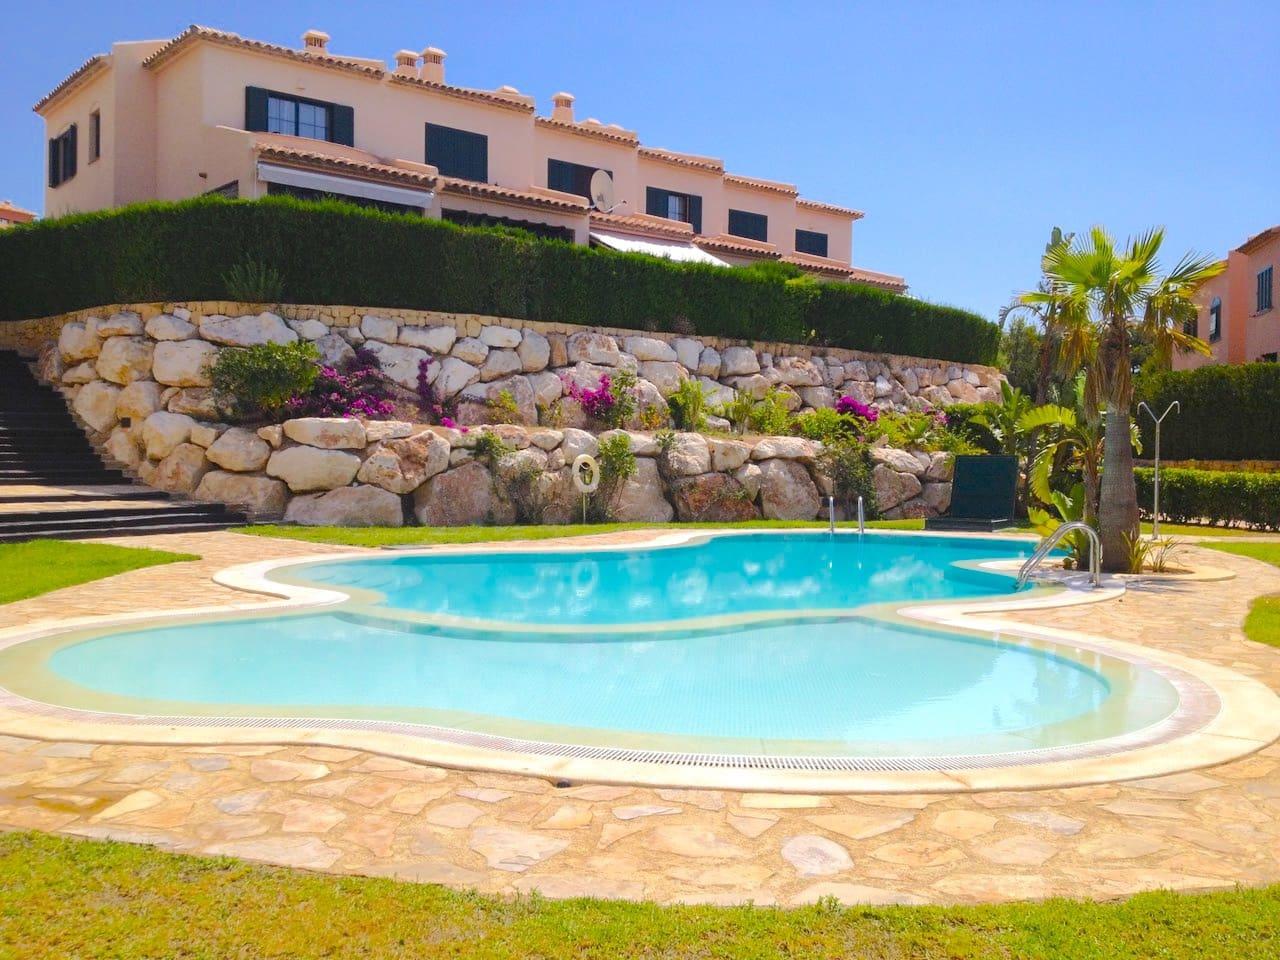 3 sypialnia Dom na kwatery wakacyjne w Finestrat z basenem - 440 € (Ref: 1769753)